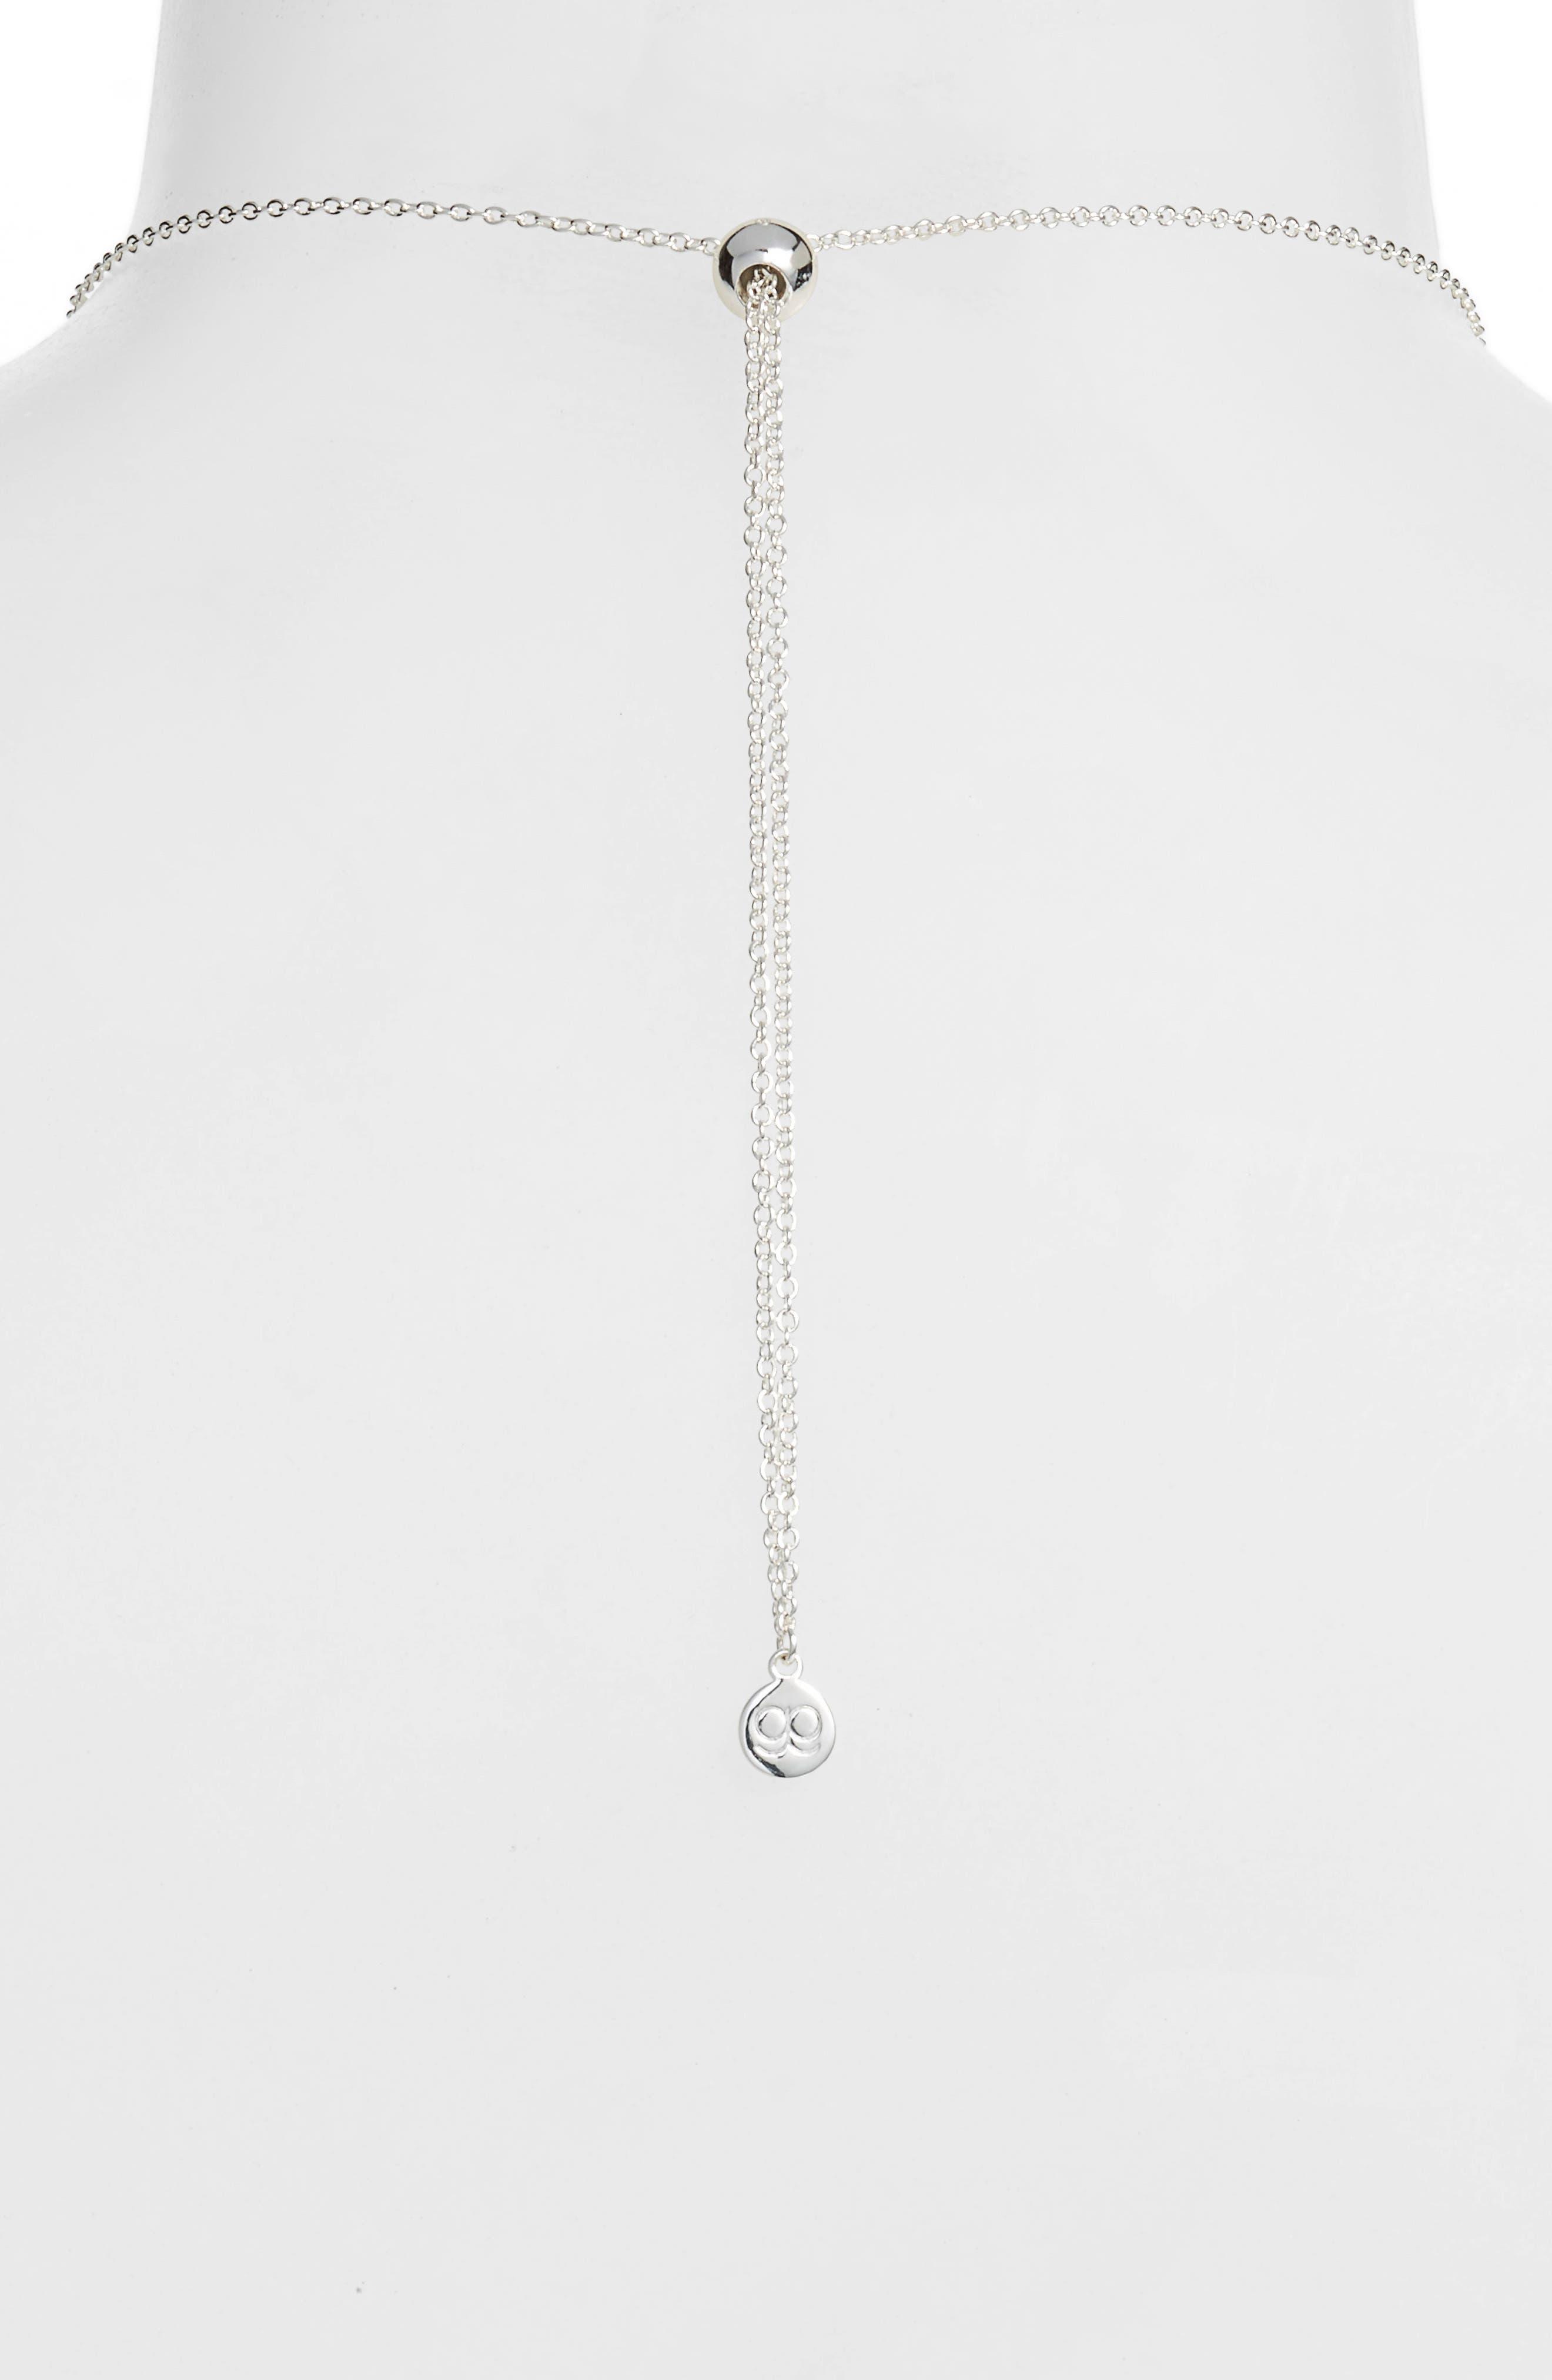 Quinn Long Pendant Necklace,                             Alternate thumbnail 4, color,                             SILVER